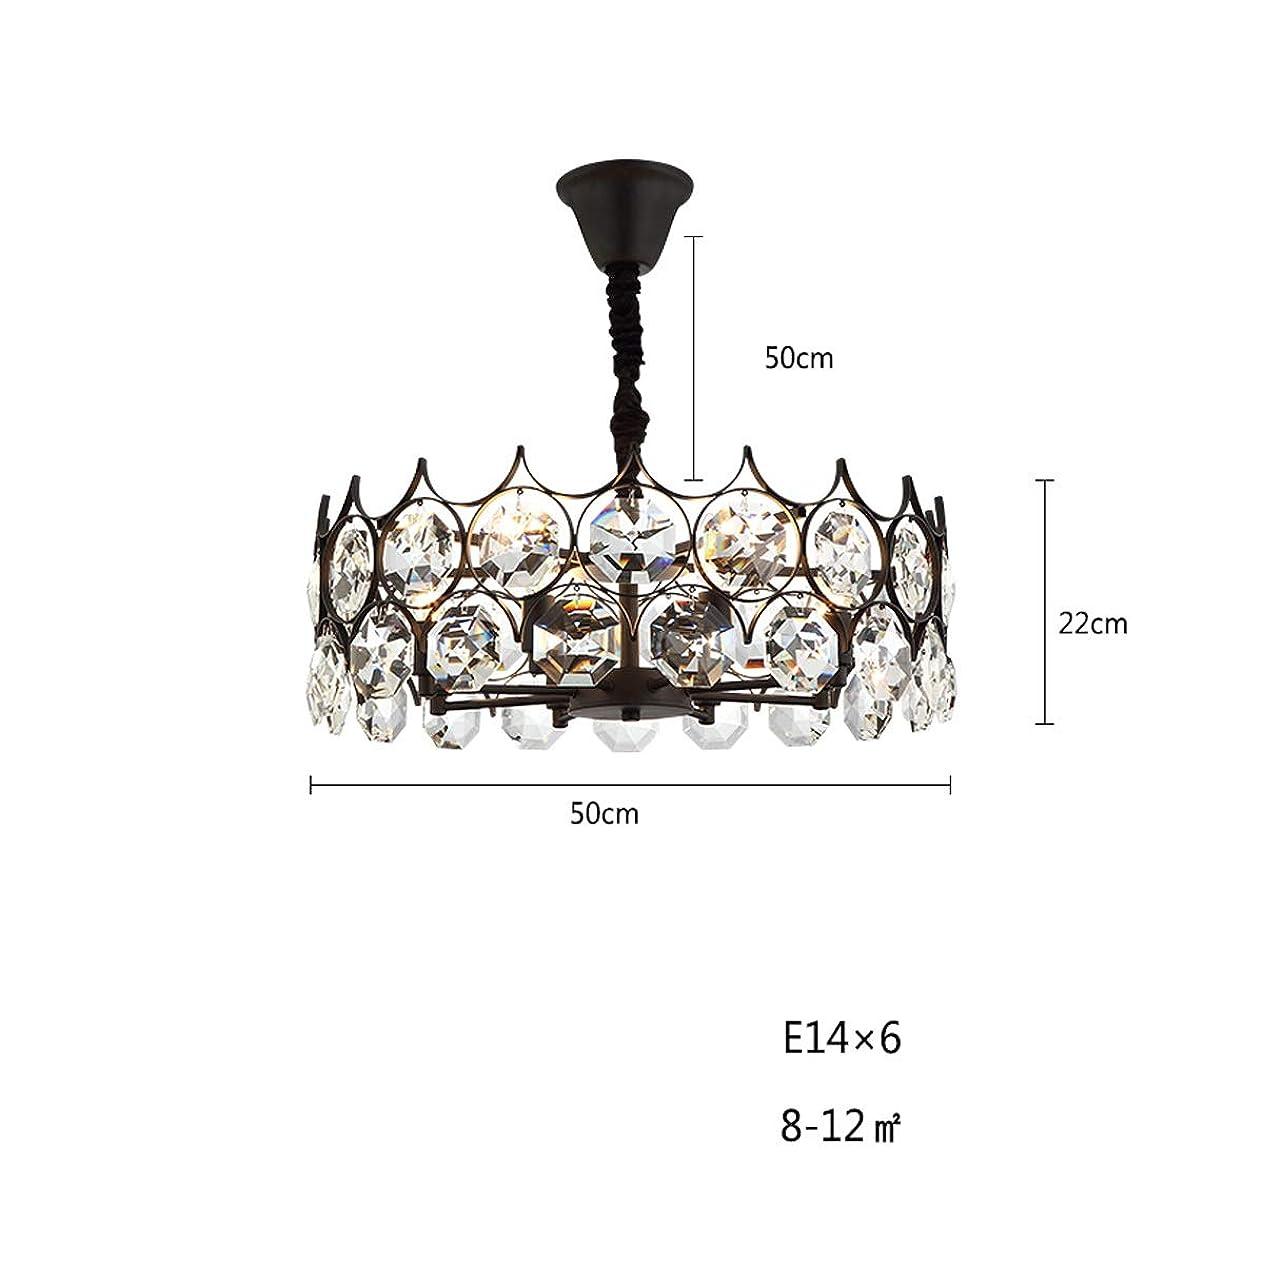 ナチュラル狂ったラリーCHENTAOCS アメリカのクリスタルのシャンデリアリビングルーム、ベッドルームダイニングルームの照明、ホーム暖かいクリエイティブライティング (Size : A)